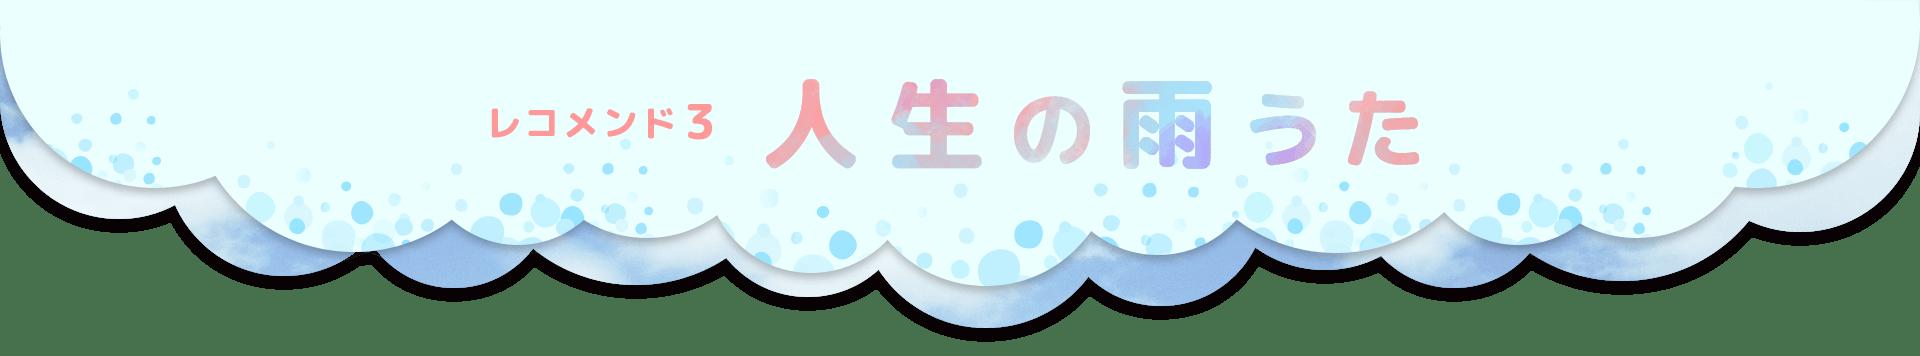 レコメンド3:人生の雨うた